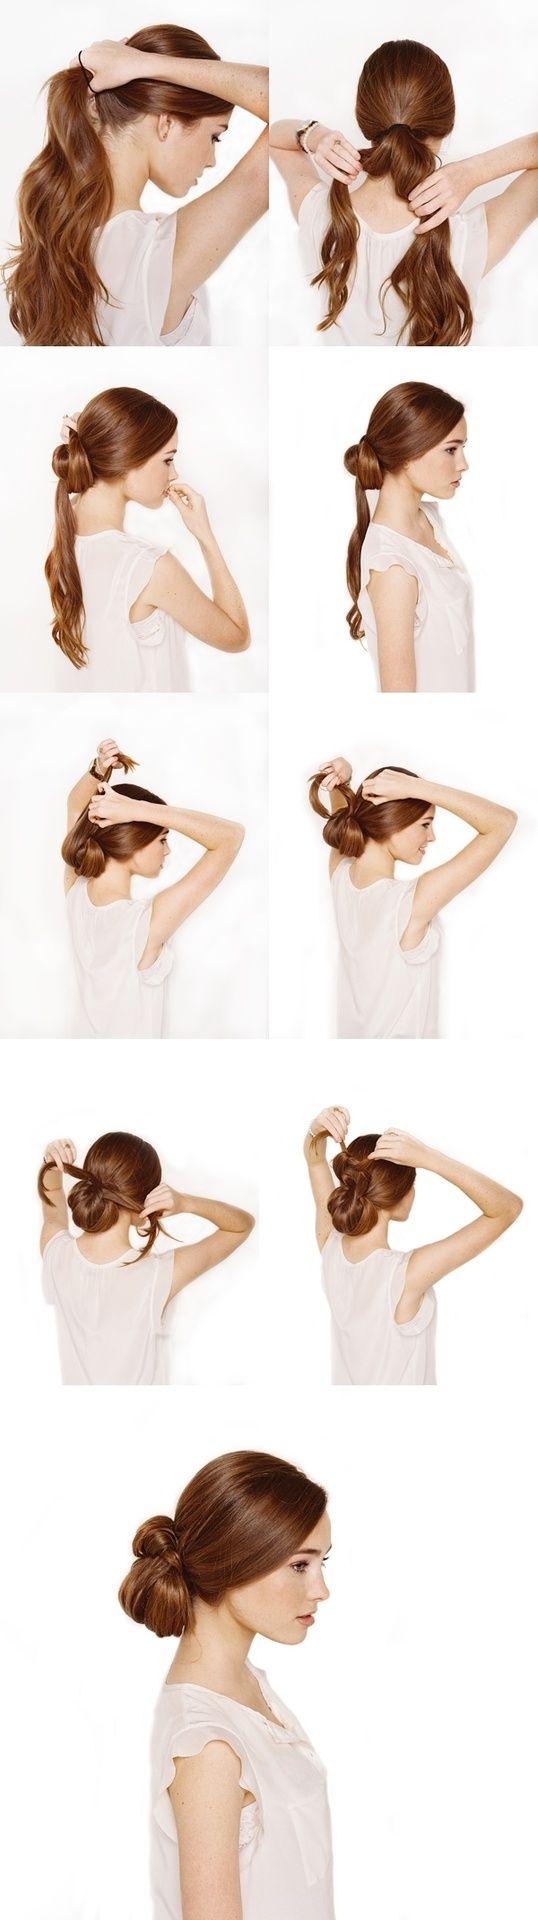 آموزش مرحله به مرحله بستن موب به صورت تصویری,انواع رنگ مو 2014,مدل مو,شینیون مو 2014, Chignon,range moo,مدل مو, arayesh moo 2014, bridal hairstyles – wedding hair design ,model moo,Chignon hair,arayesh moo |AroosSite.com